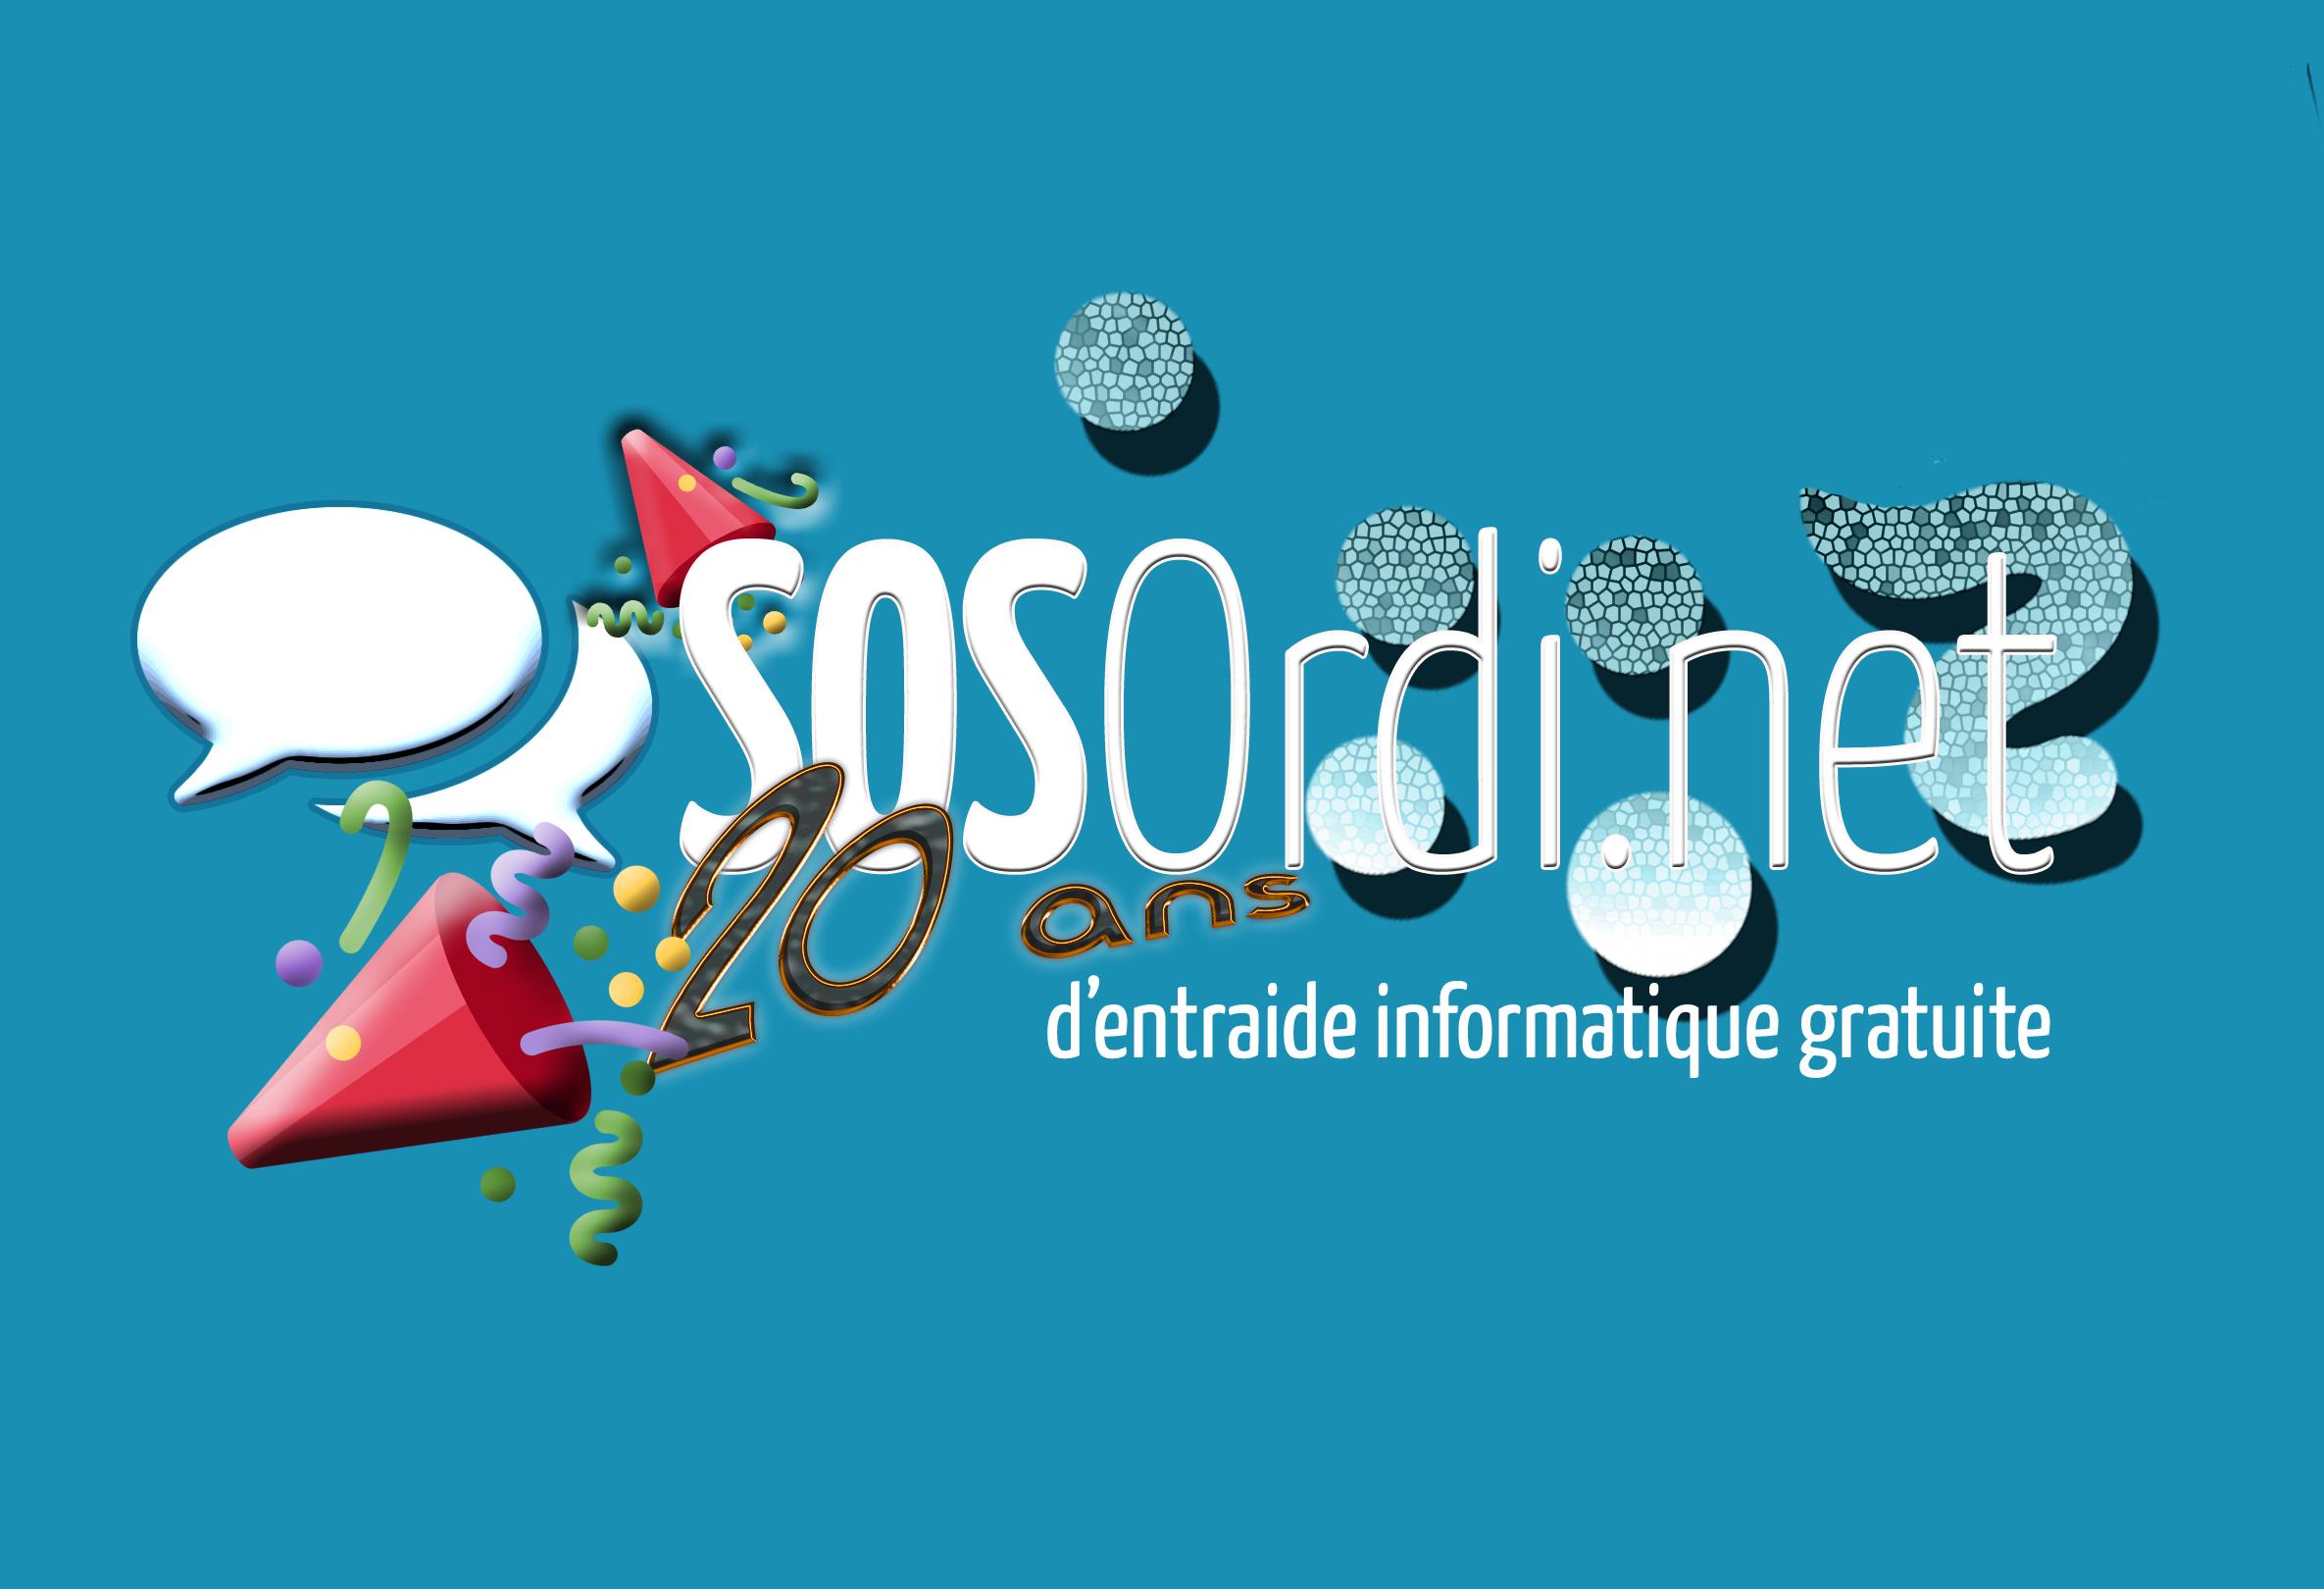 SOSOrdi.net a 20 ans : début des festivités avec le concours de l'été ! (qui dure moins de 20 ans)